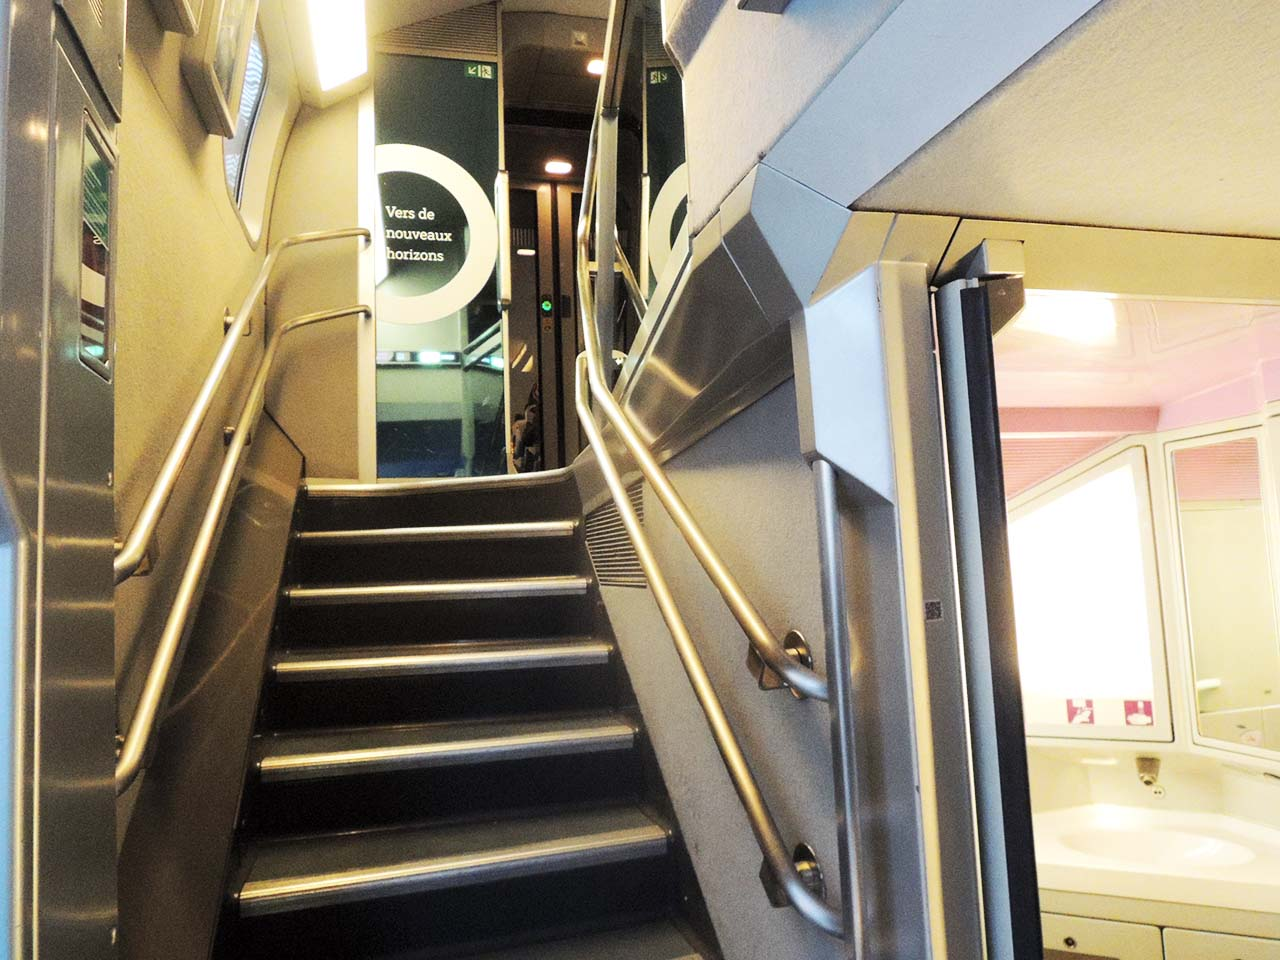 TGV INOUI